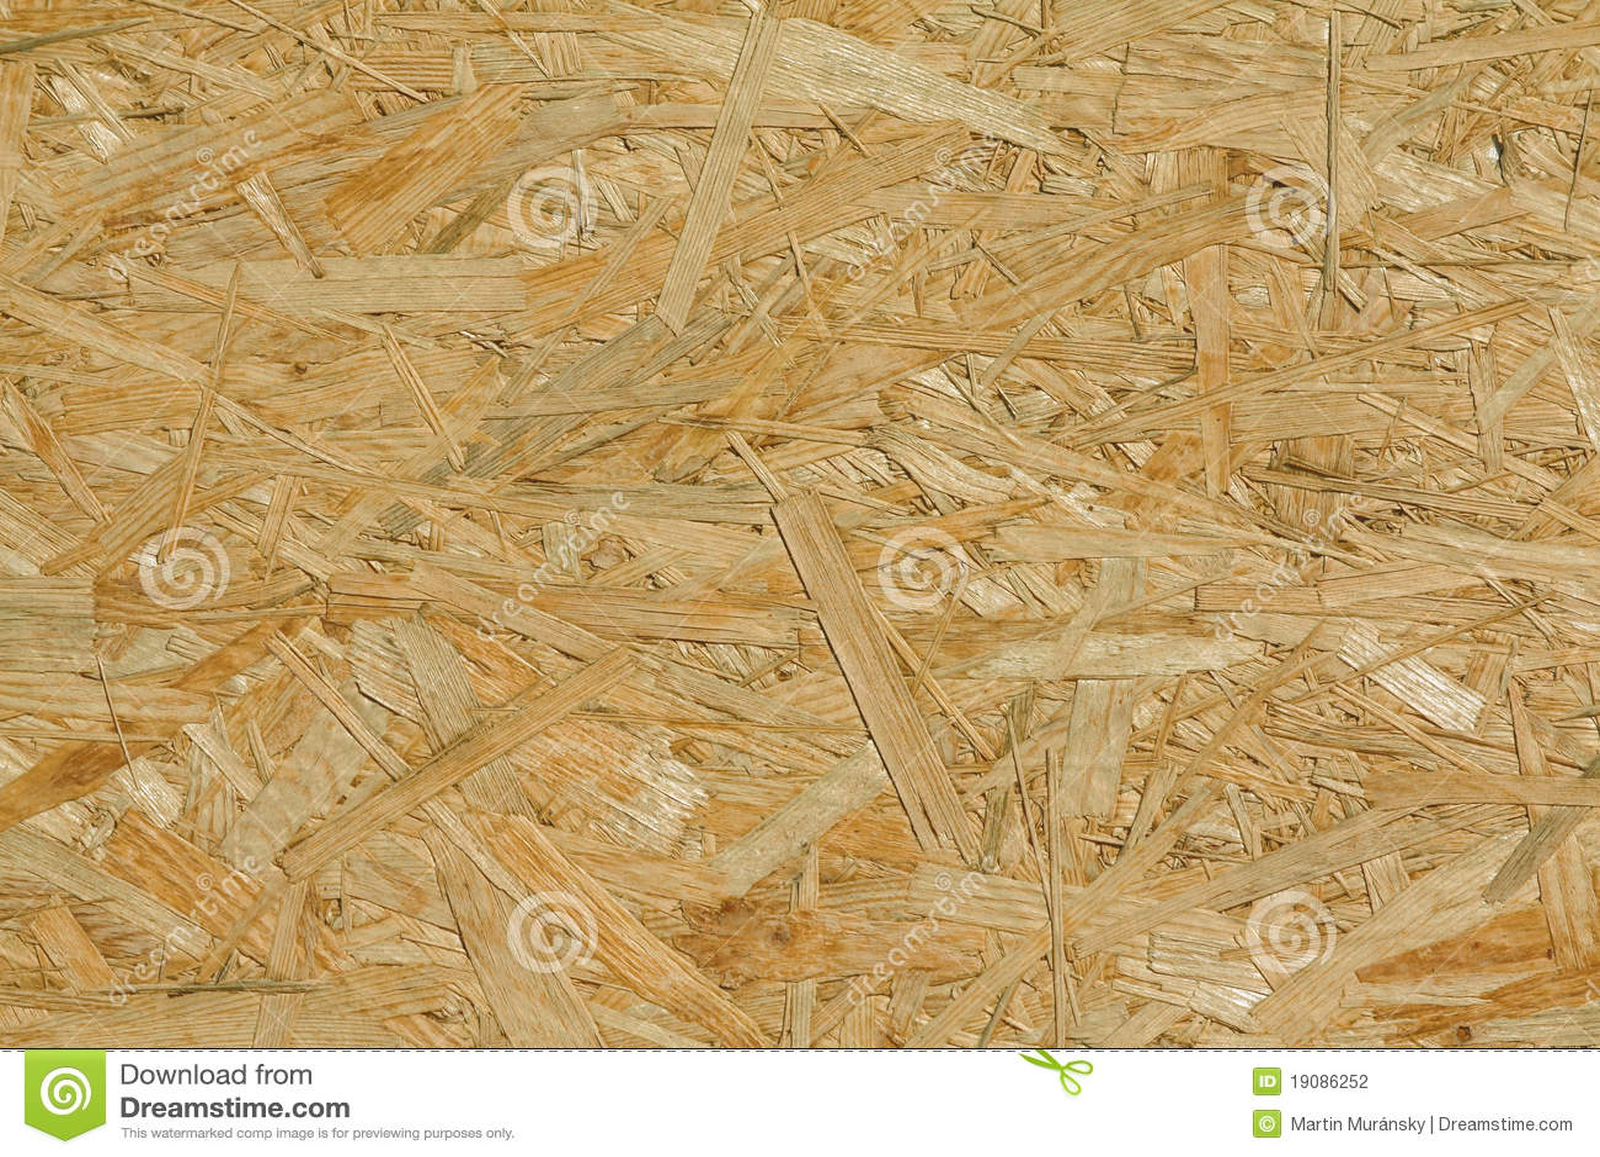 Textura del tablero de madera aglomerada fotograf a de - Precio tableros aglomerado ...